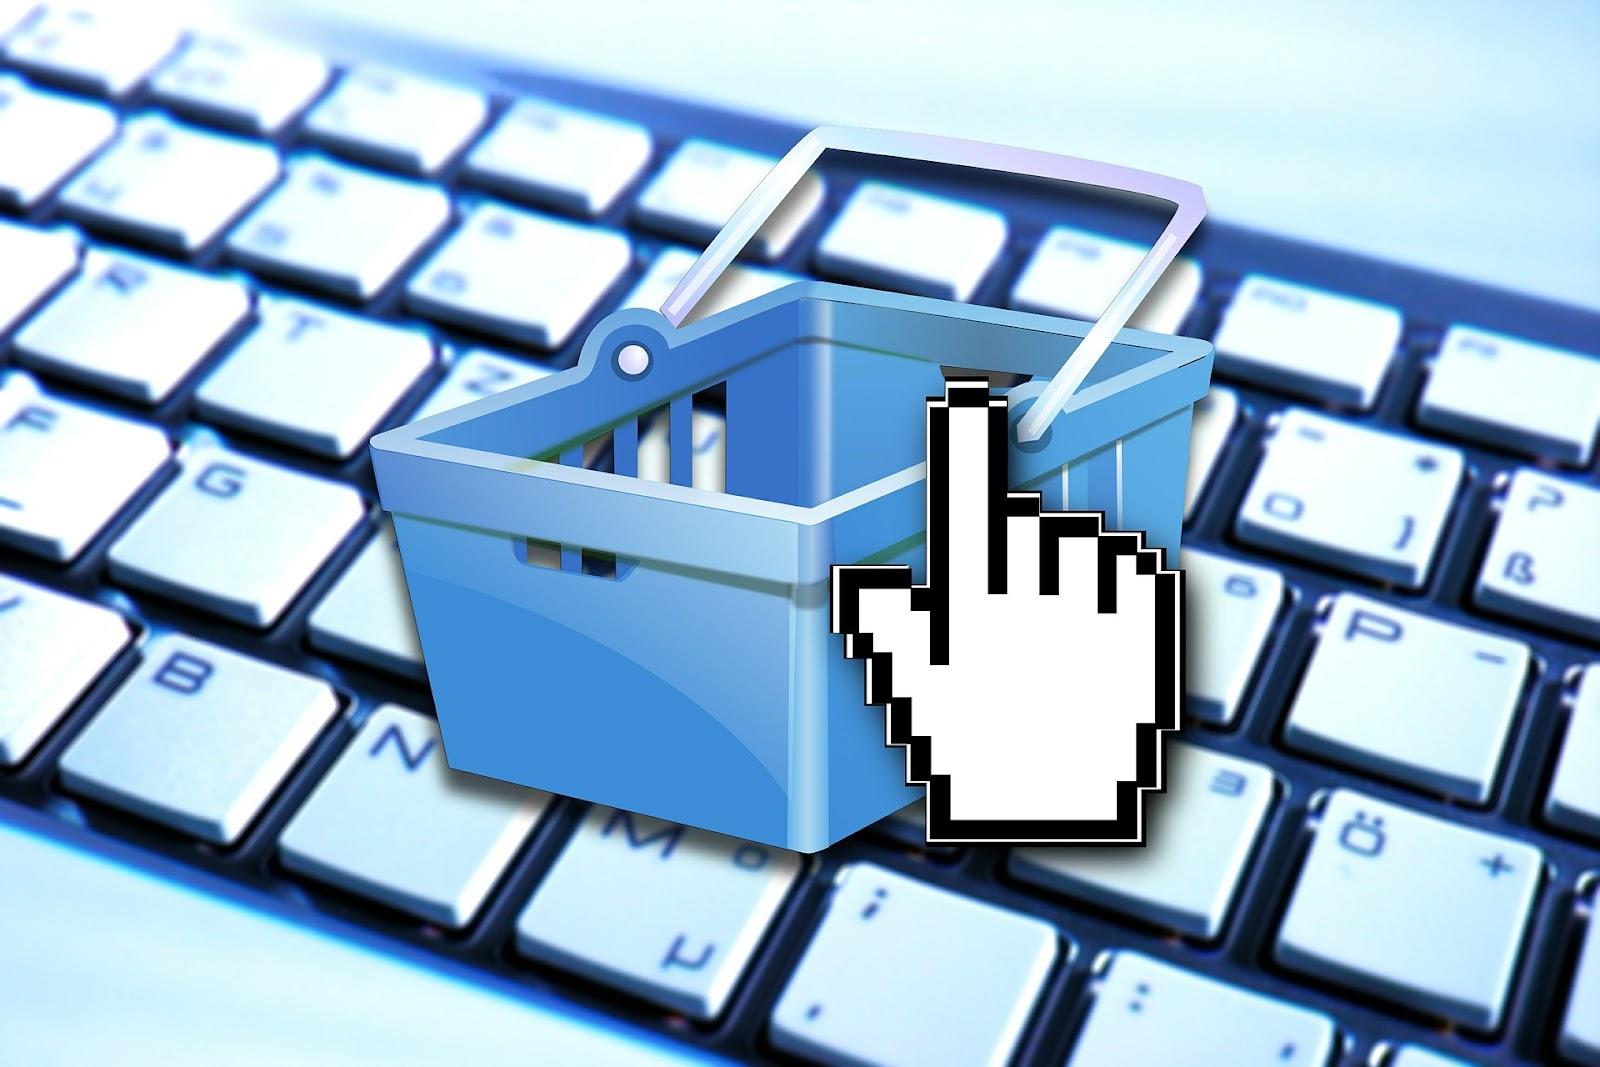 10 ieteikumi, kā padarīt interneta CV kvalitatīvāku - DELFI